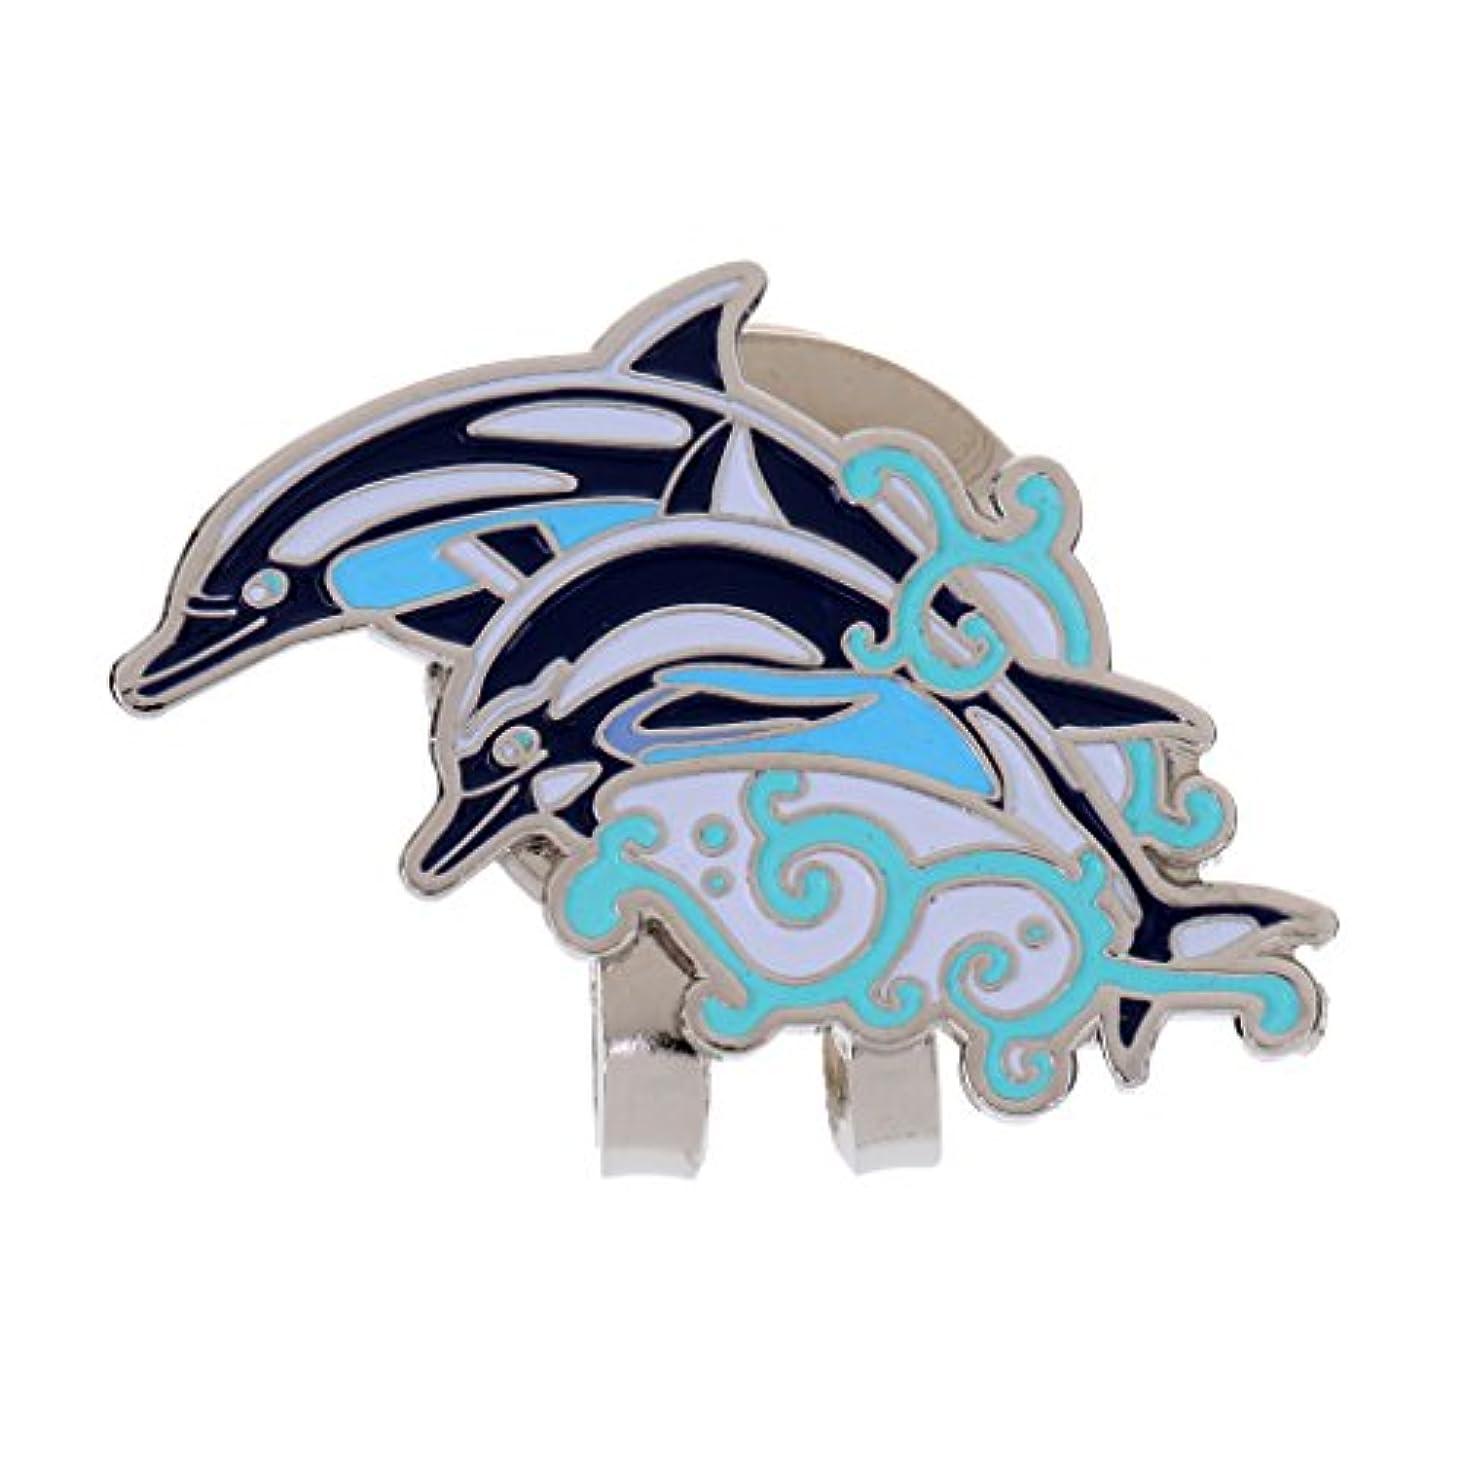 資格情報ジャンクボルトmonkeyjack Cute Dolphin Pattern磁気帽子クリップゴルフボールマーカーフィットforゴルフキャップバイザーGolferギフト